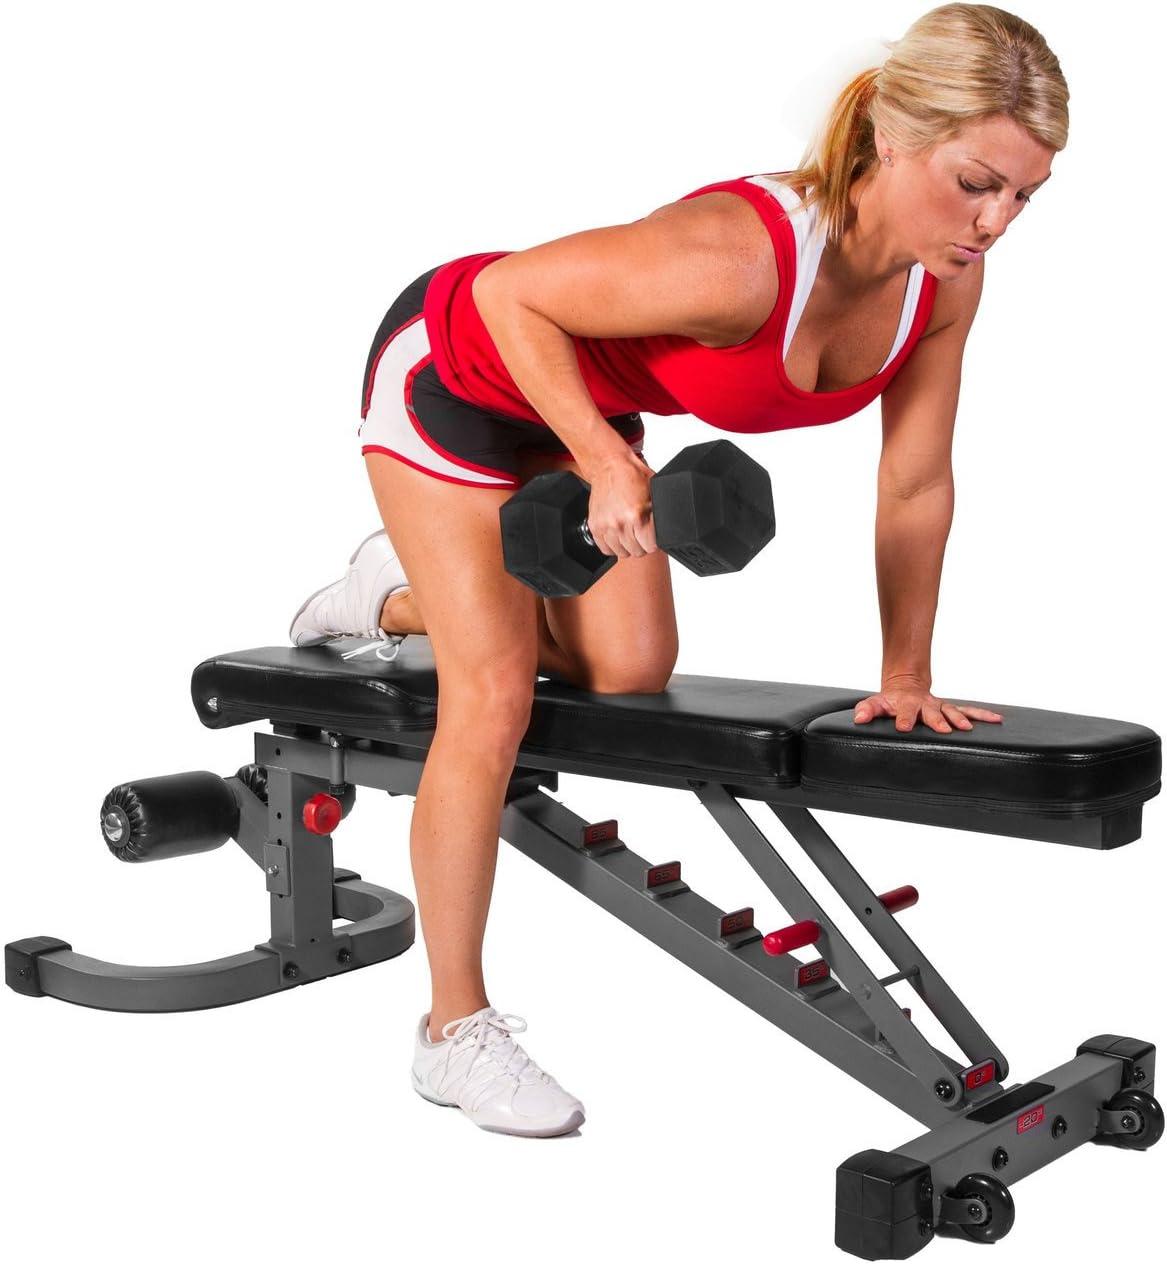 Combo ofrecen XMark Fitness Fid banco prensa (inclinación/descenso)/banco de peso ajustable con Select Tech pesos/ajustable mancuernas par con bandeja de almacenamiento, XMCombo83: Amazon.es: Deportes y aire libre